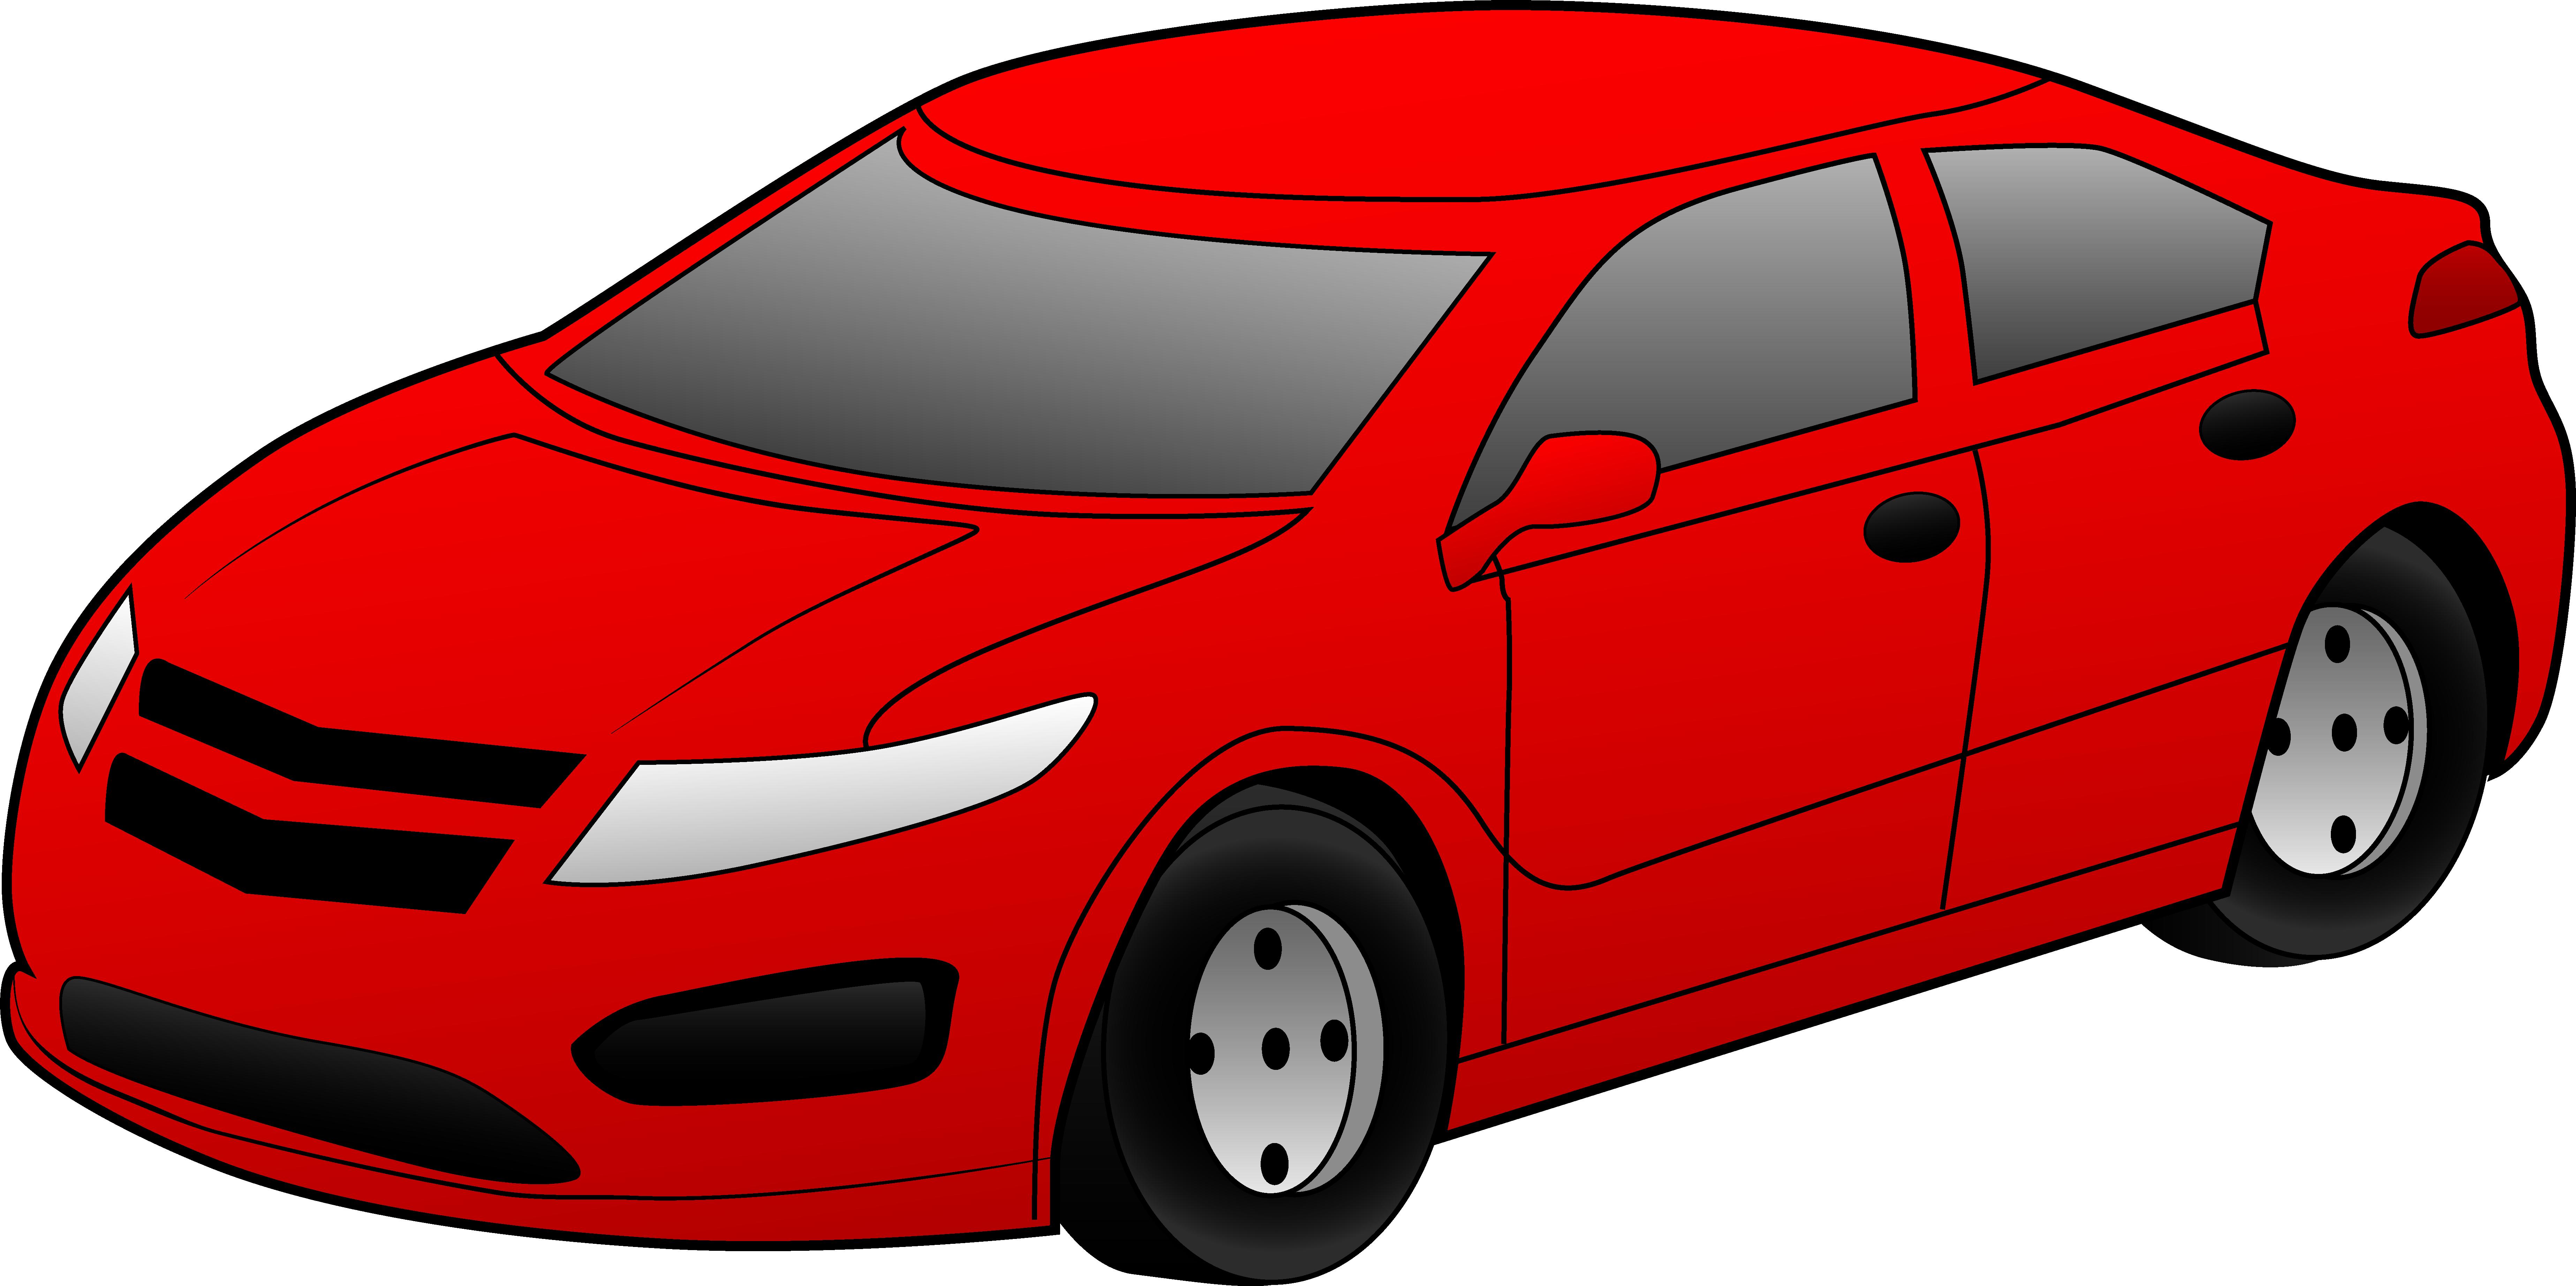 Black sports car clipart: Car - Car Clipart